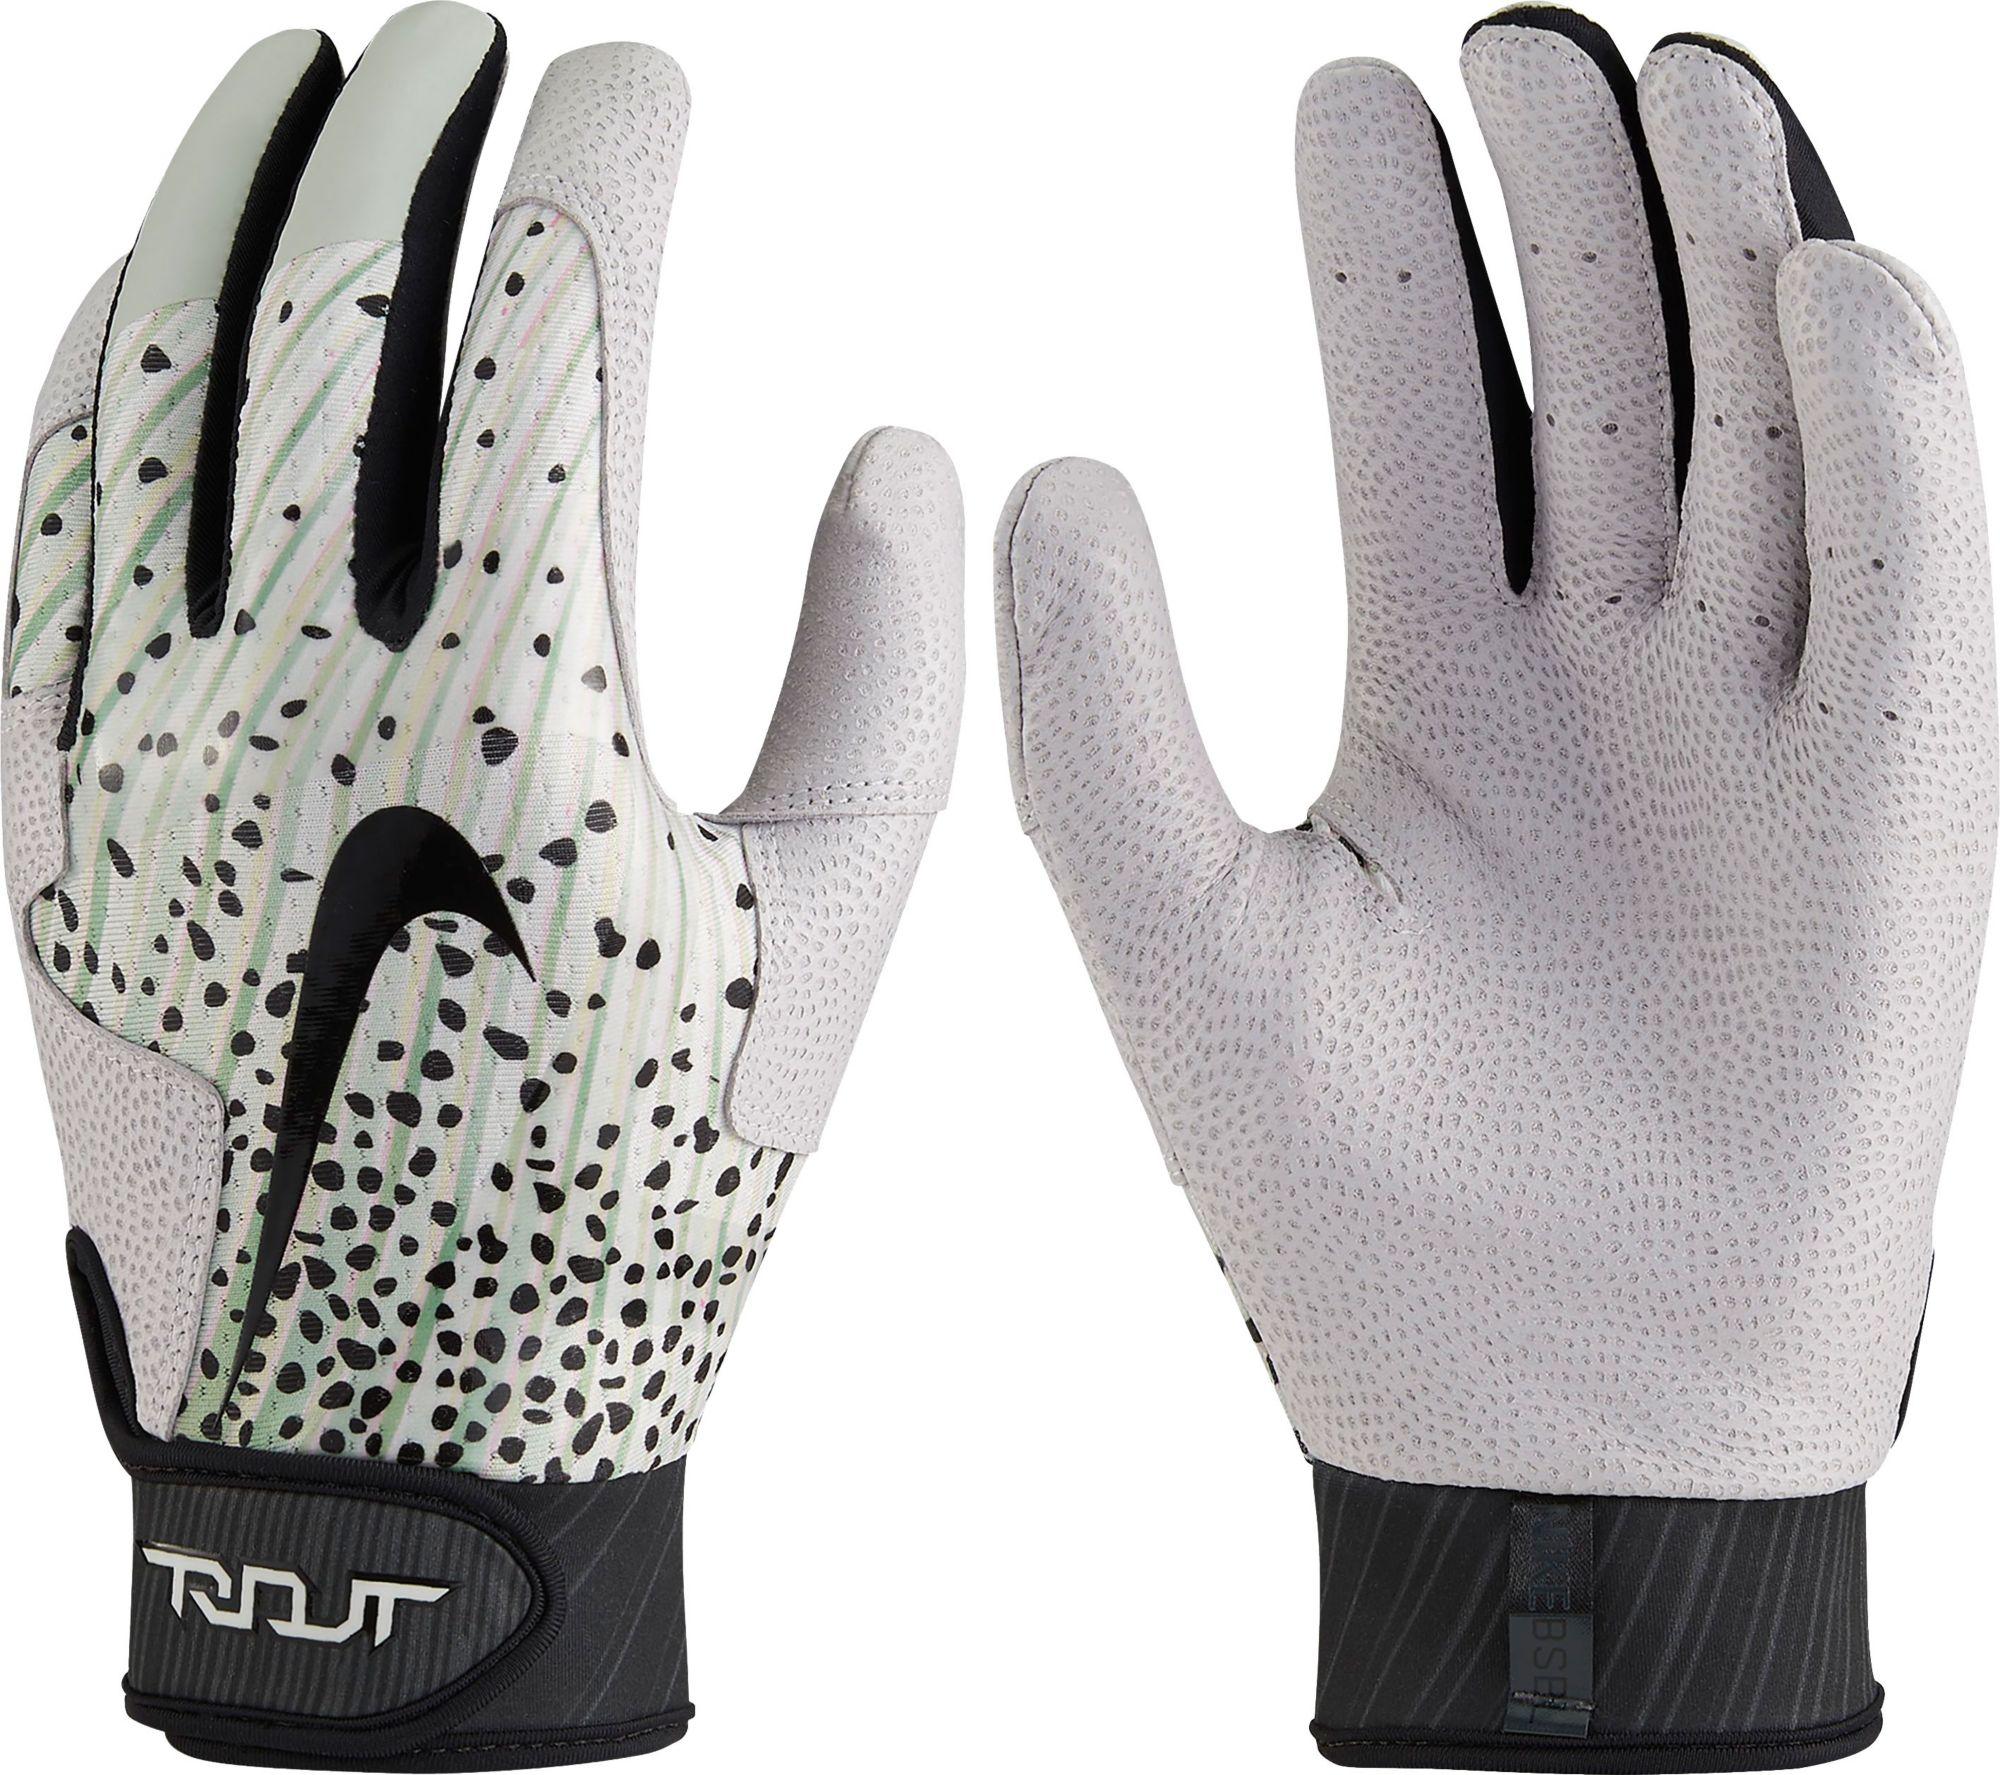 Black leather batting gloves - Noimagefound